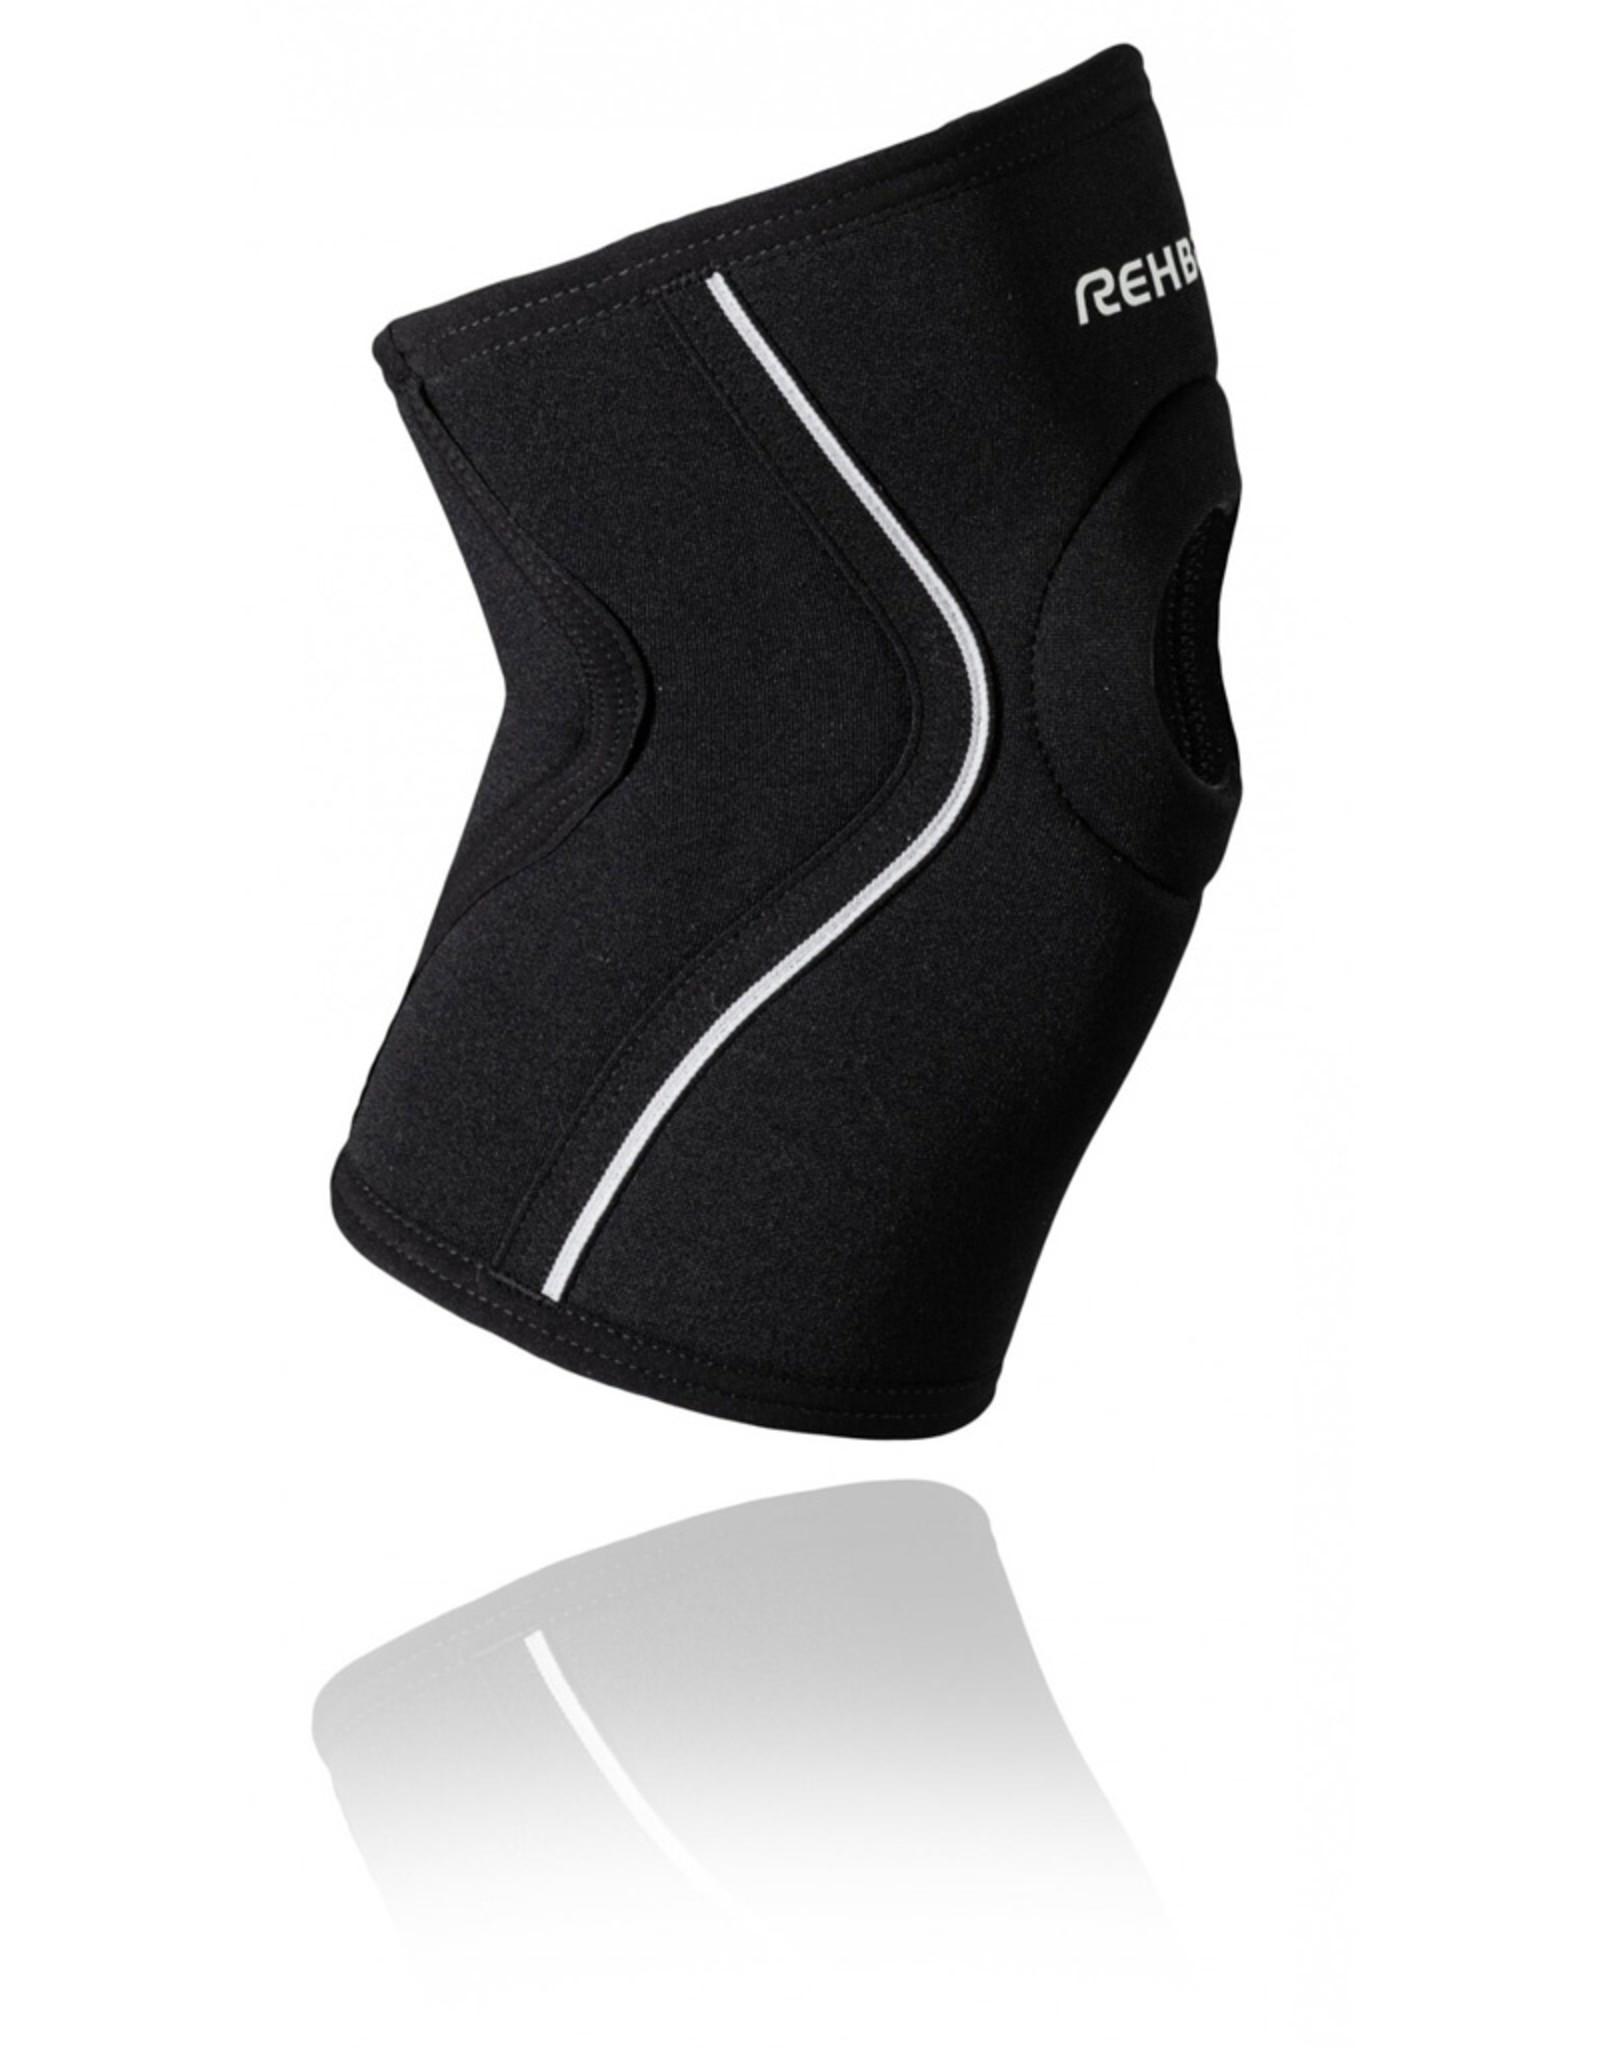 Rehband Ud Knee Sleeve Patella Open Genouillere - Noir